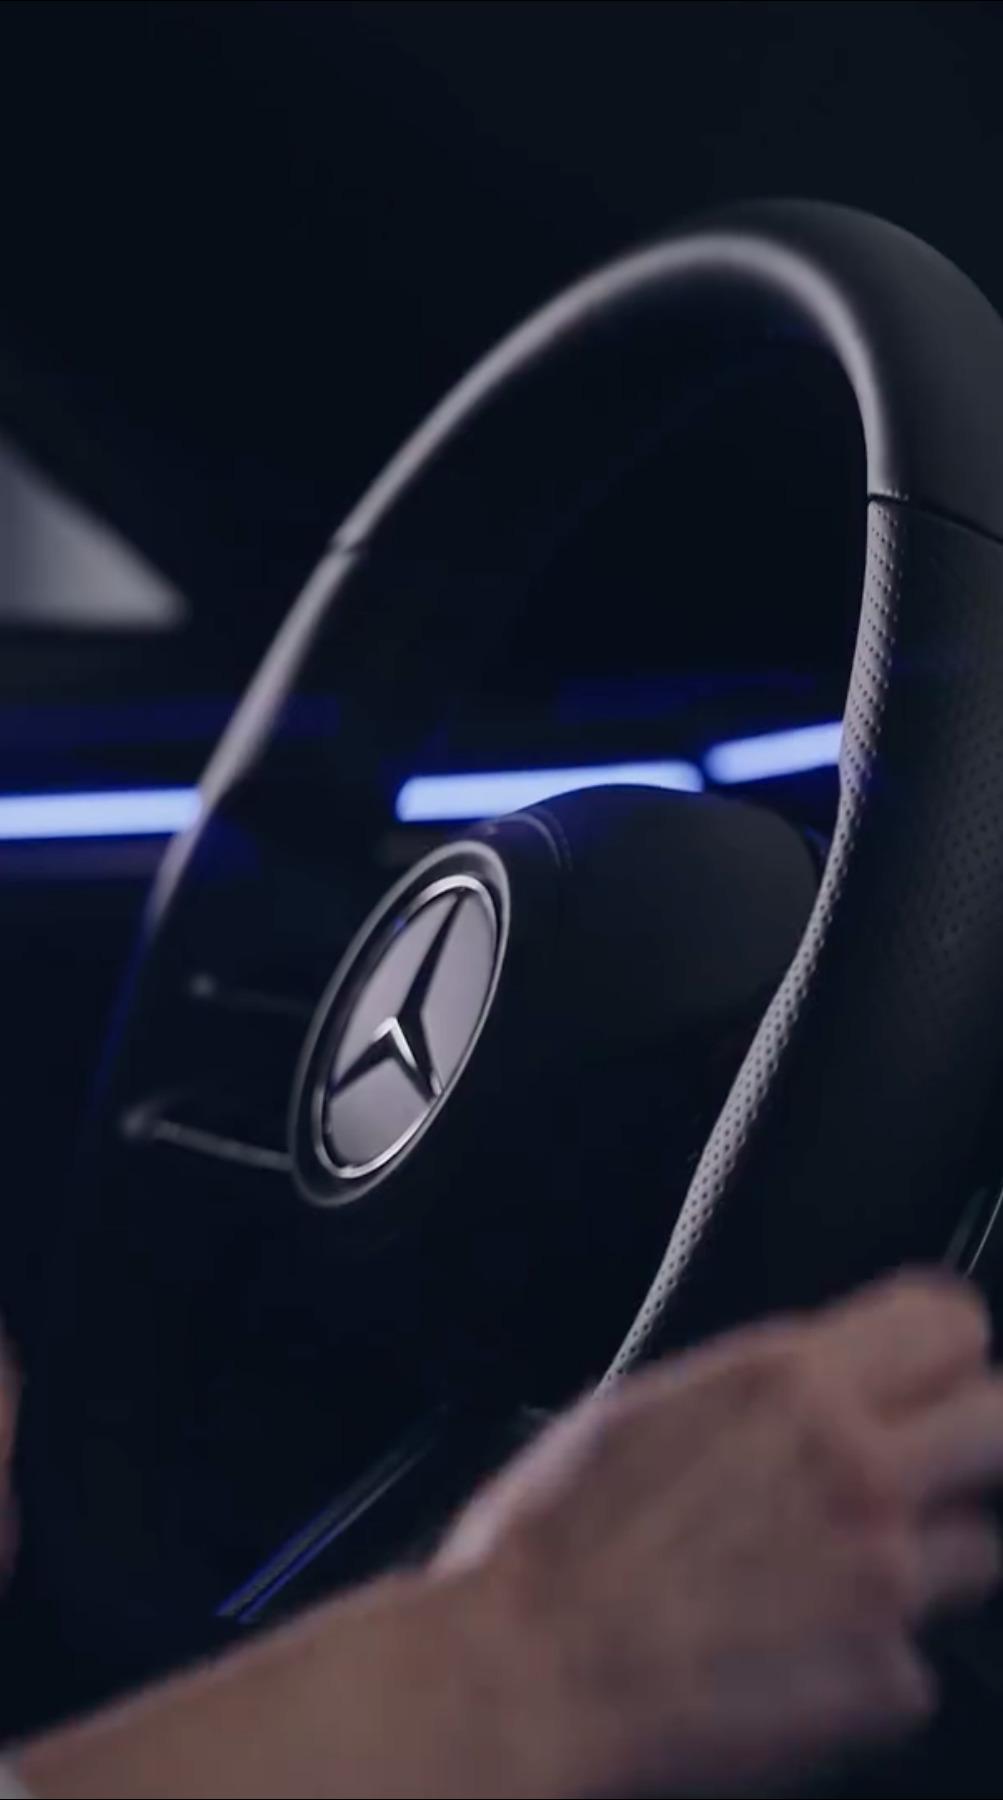 Mercedes-Benz EQS Hyperscreen